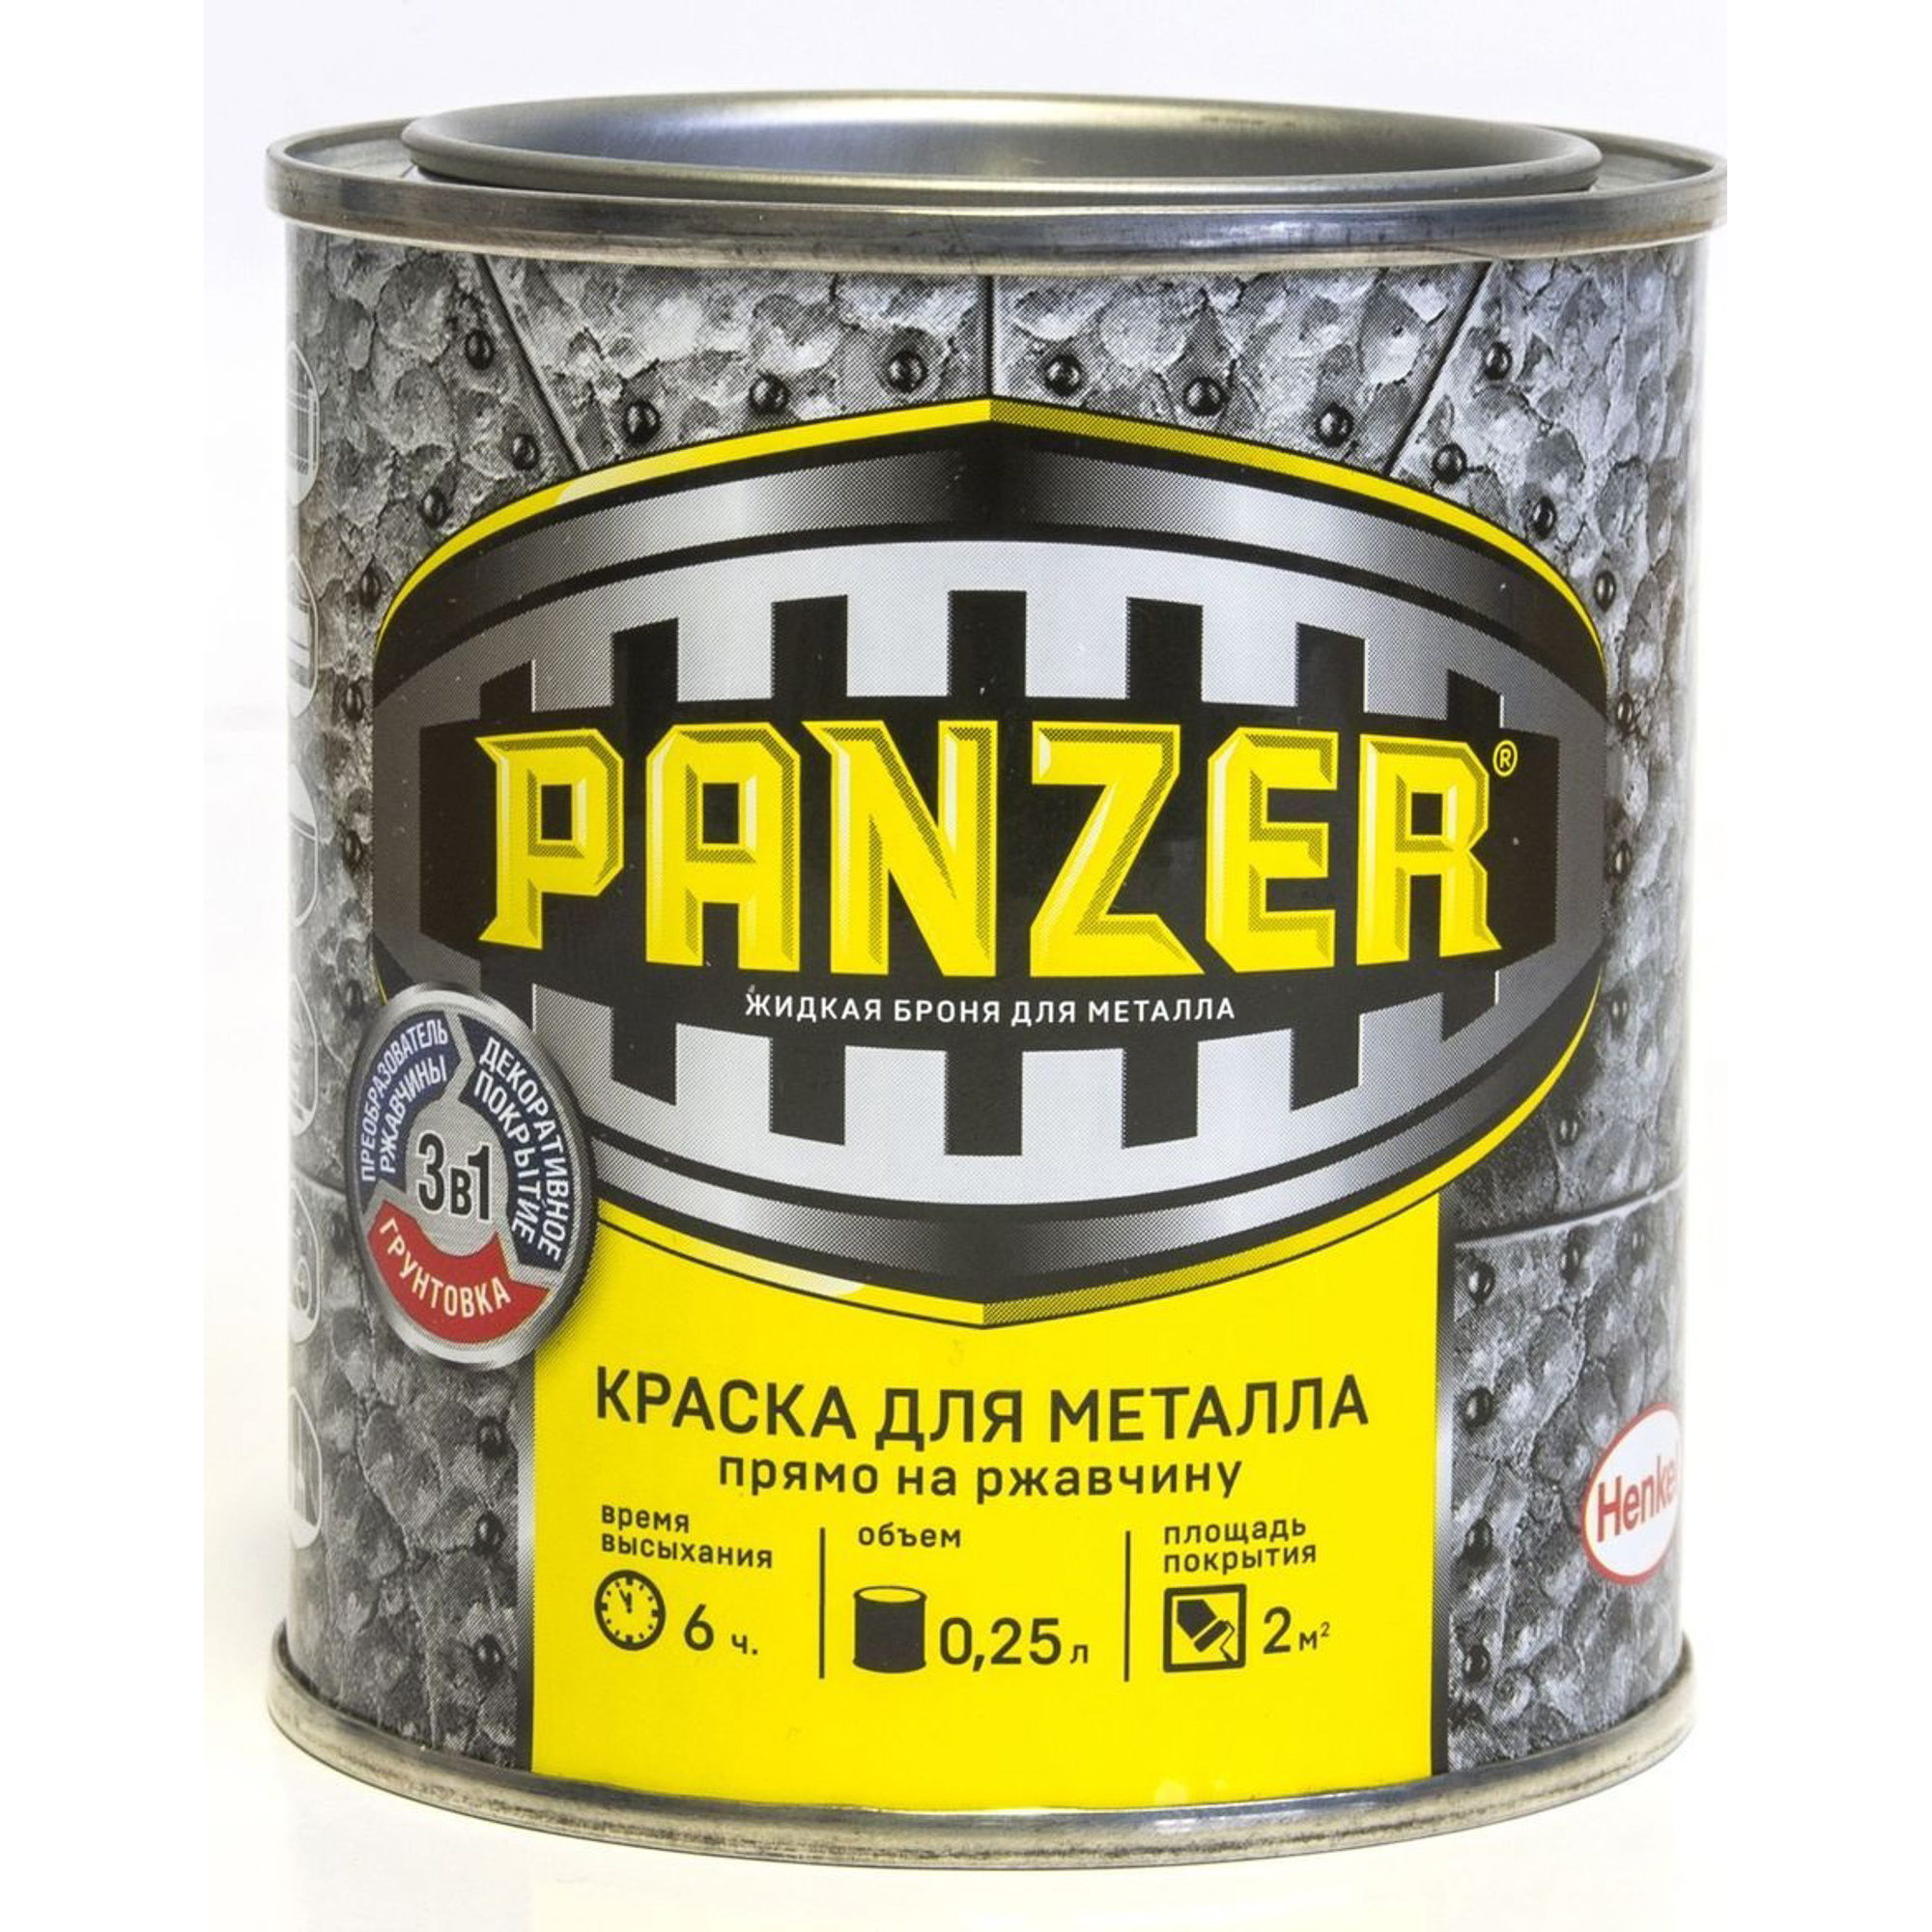 Краска для металла Panzer молотковая серебристо-серая 0.25 л недорого